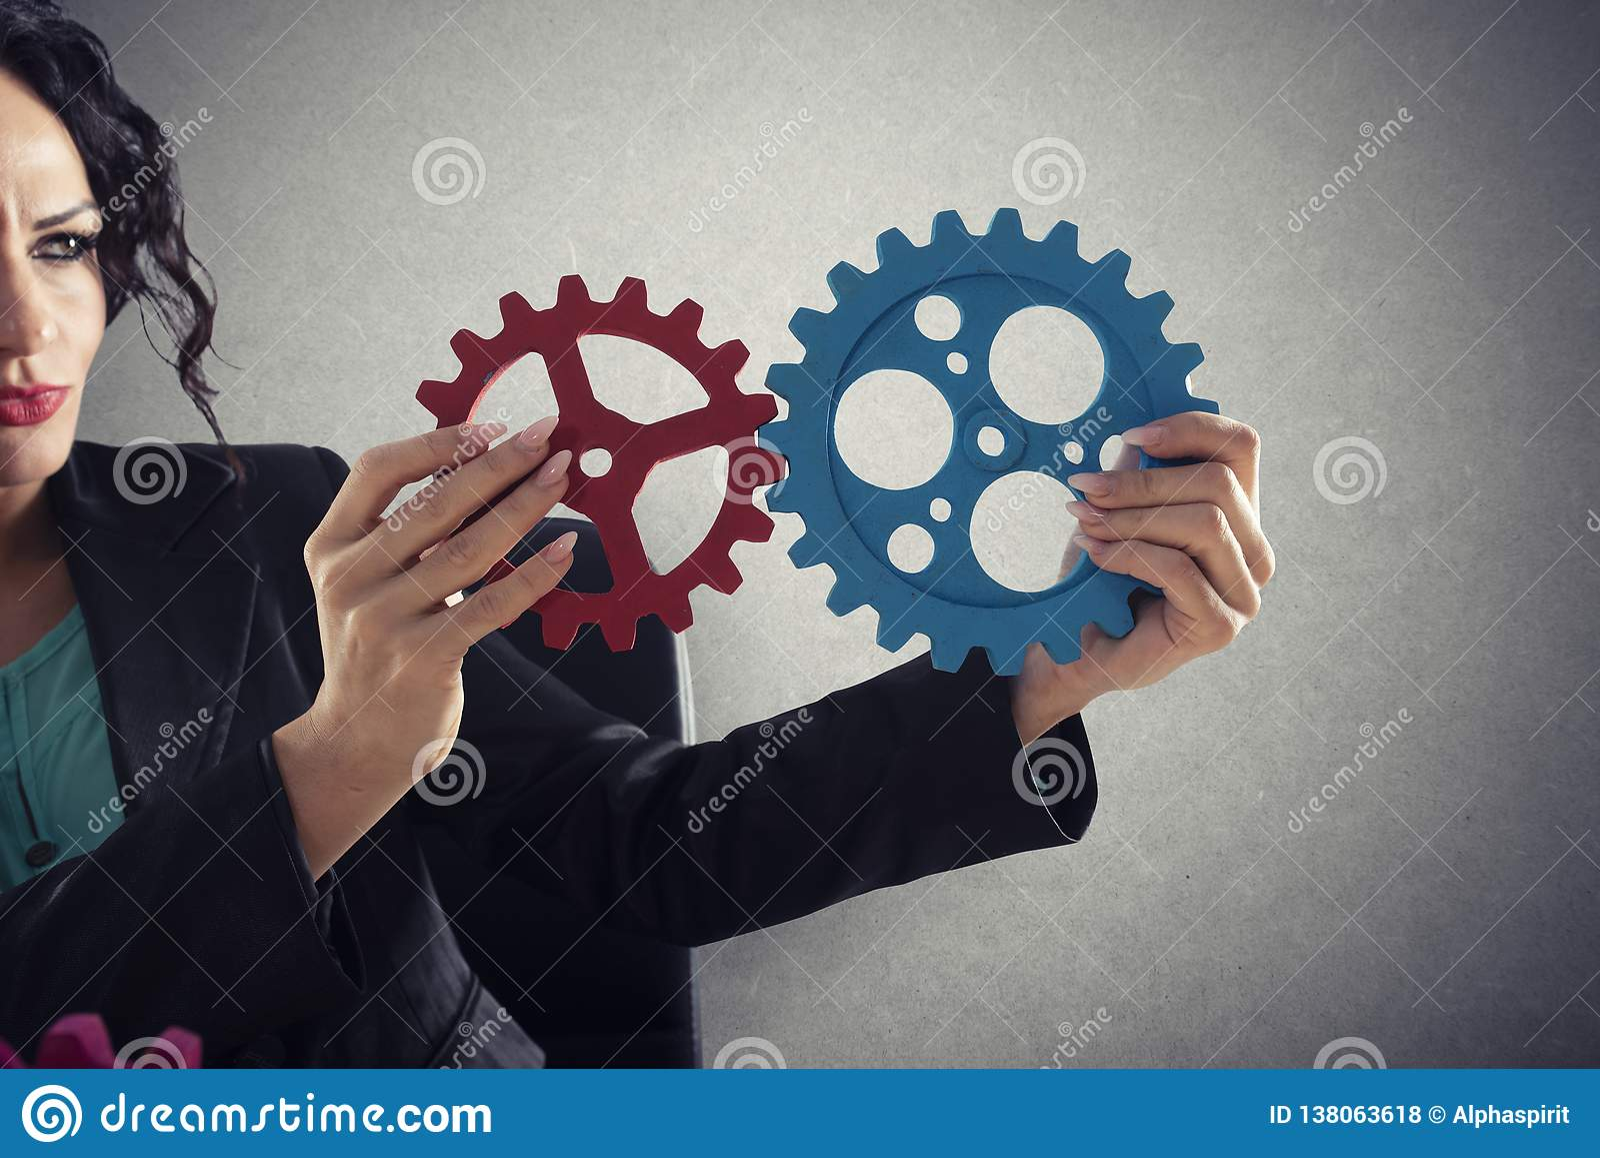 De onderneemster probeert om toestellenstukken te verbinden Concept Groepswerk, vennootschap en integratie